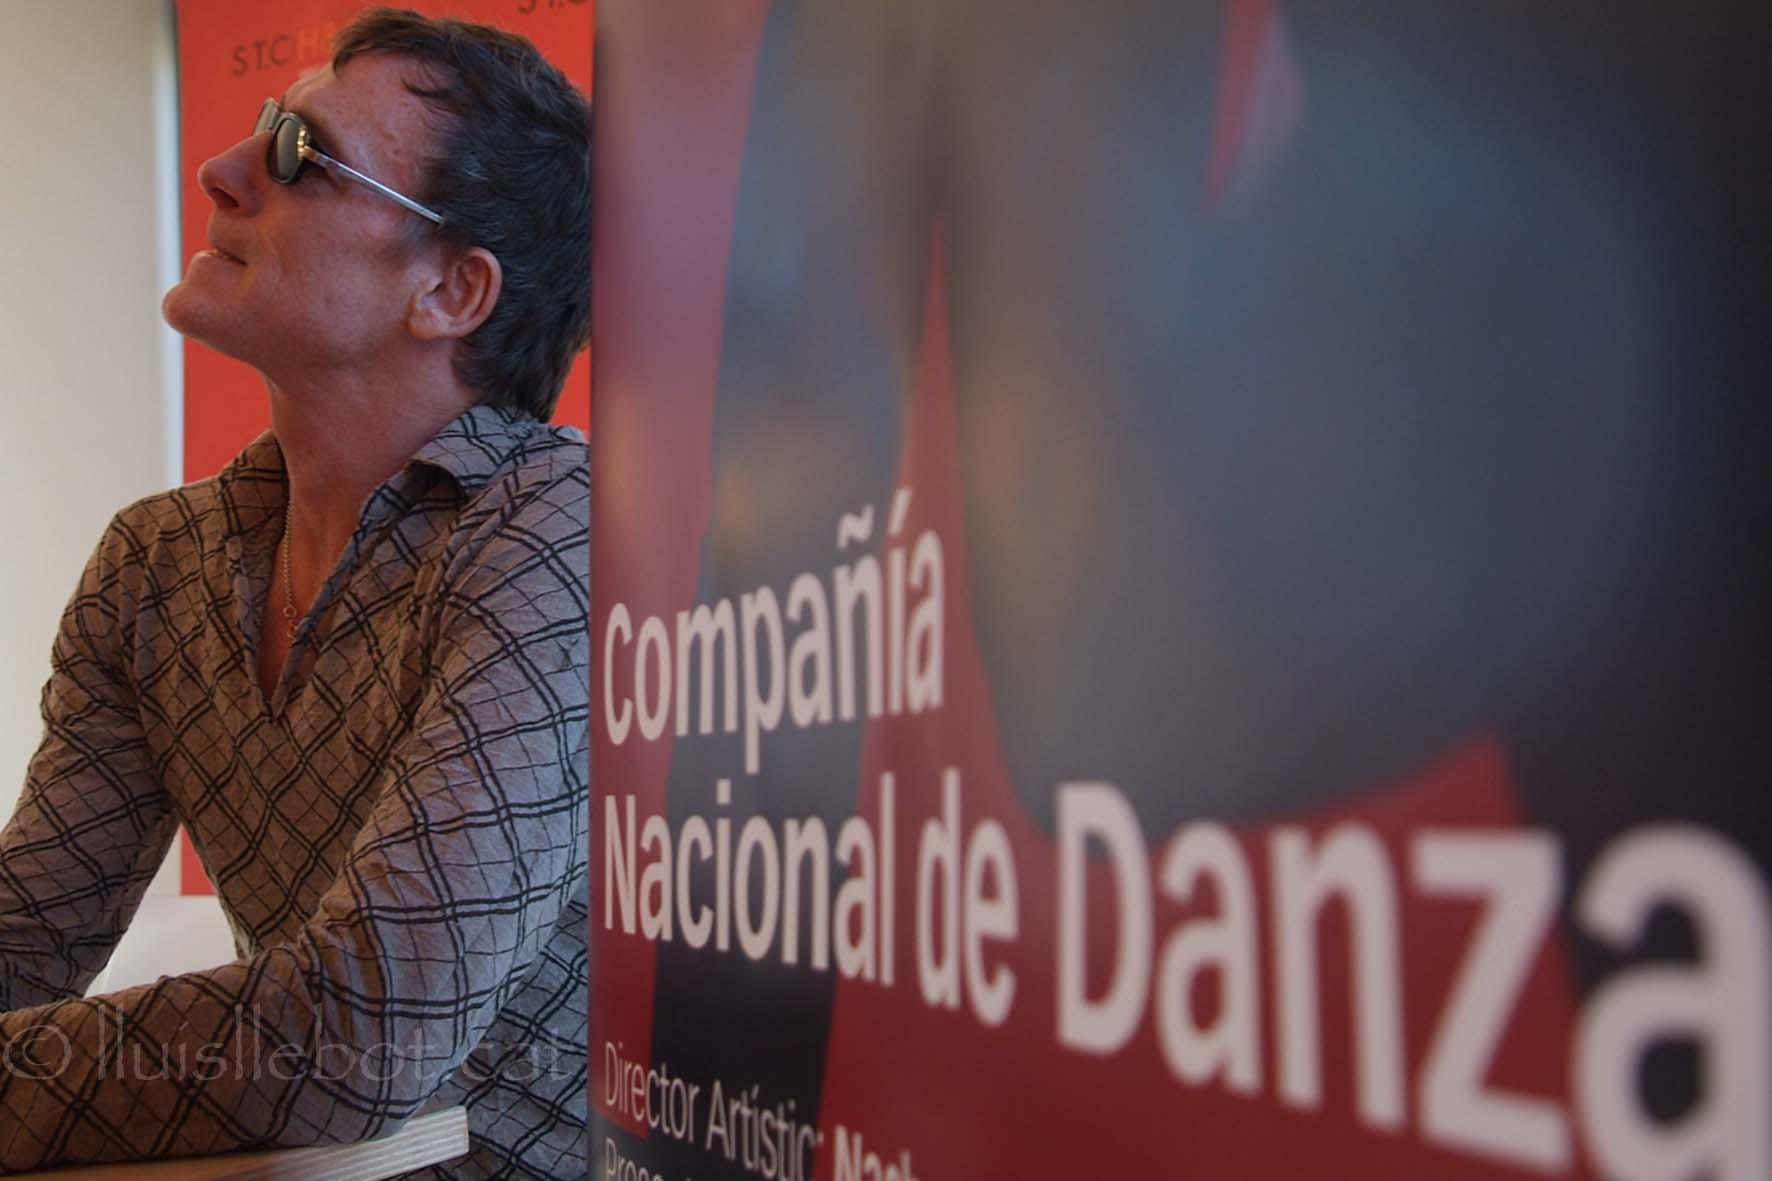 Duato cia Nacional de Danza